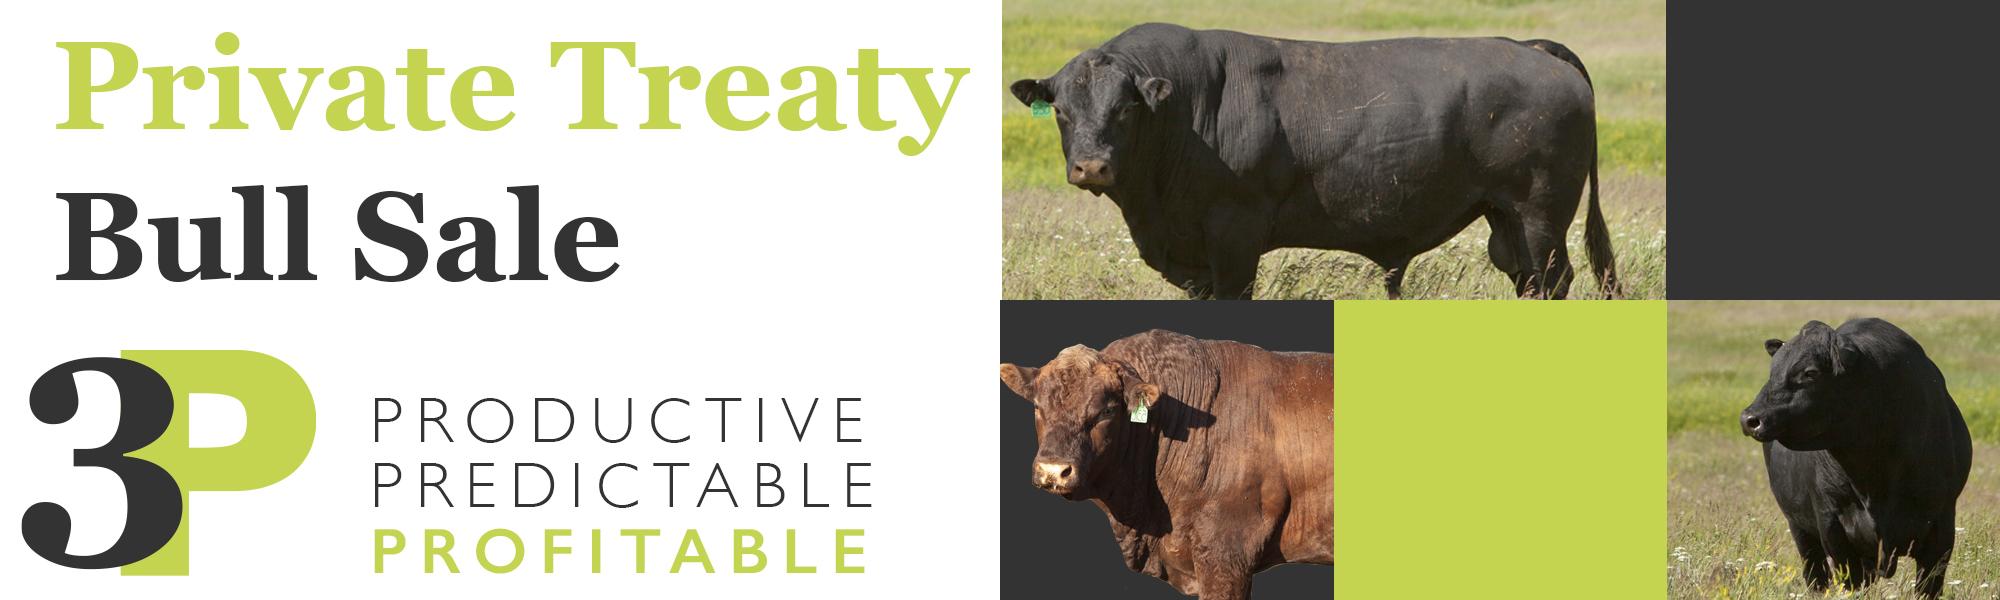 Private Treaty Bull Sale